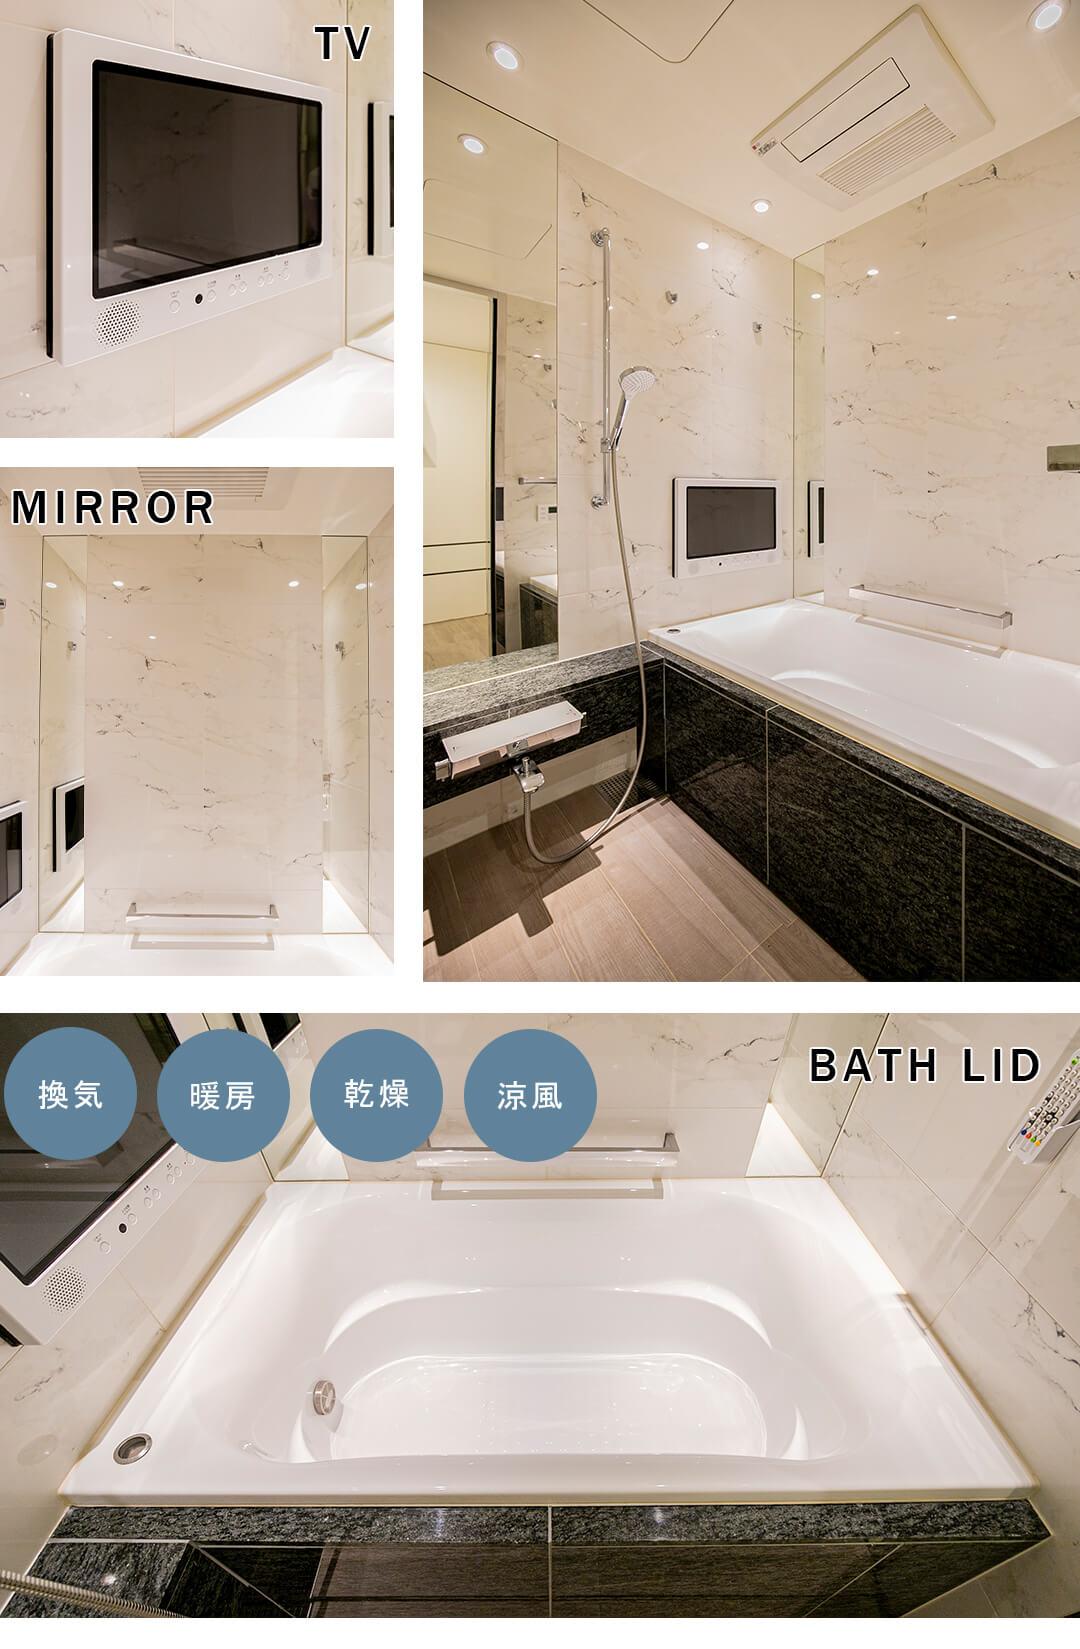 プレミスト六番町の浴室